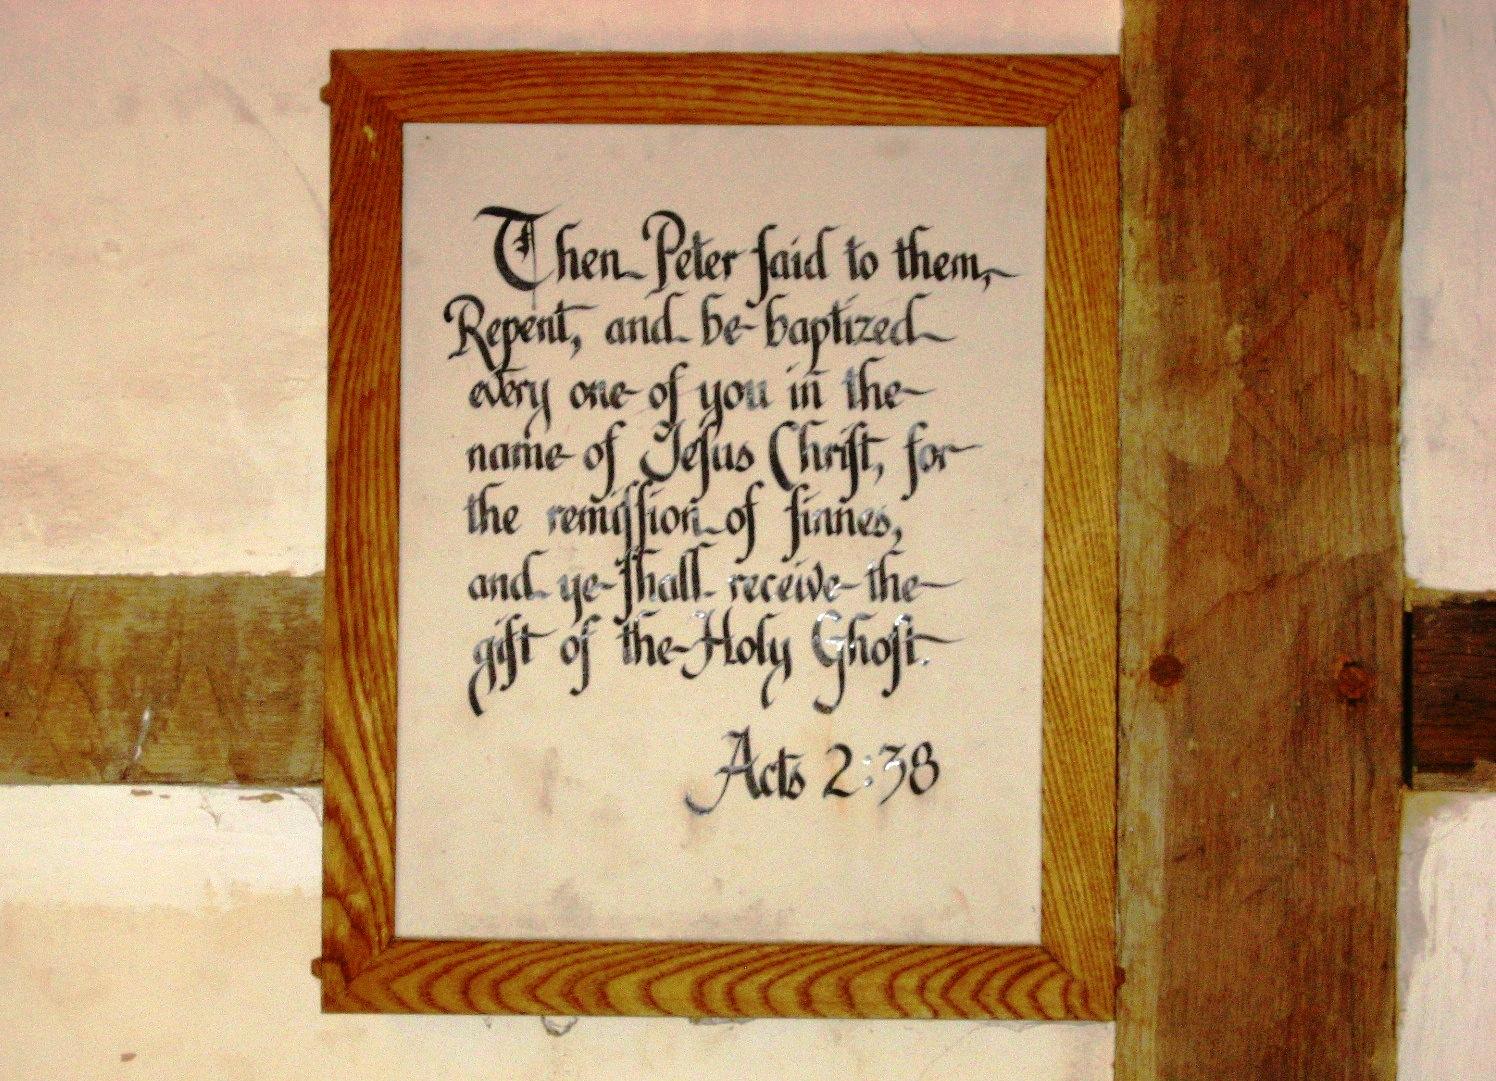 http://4.bp.blogspot.com/-ioTT8Jxa8ik/TkxQBaU6tmI/AAAAAAAAAIc/VPhDRvTqBYs/s1600/Acts+2.38+pic+oldest+church+in+america.jpg